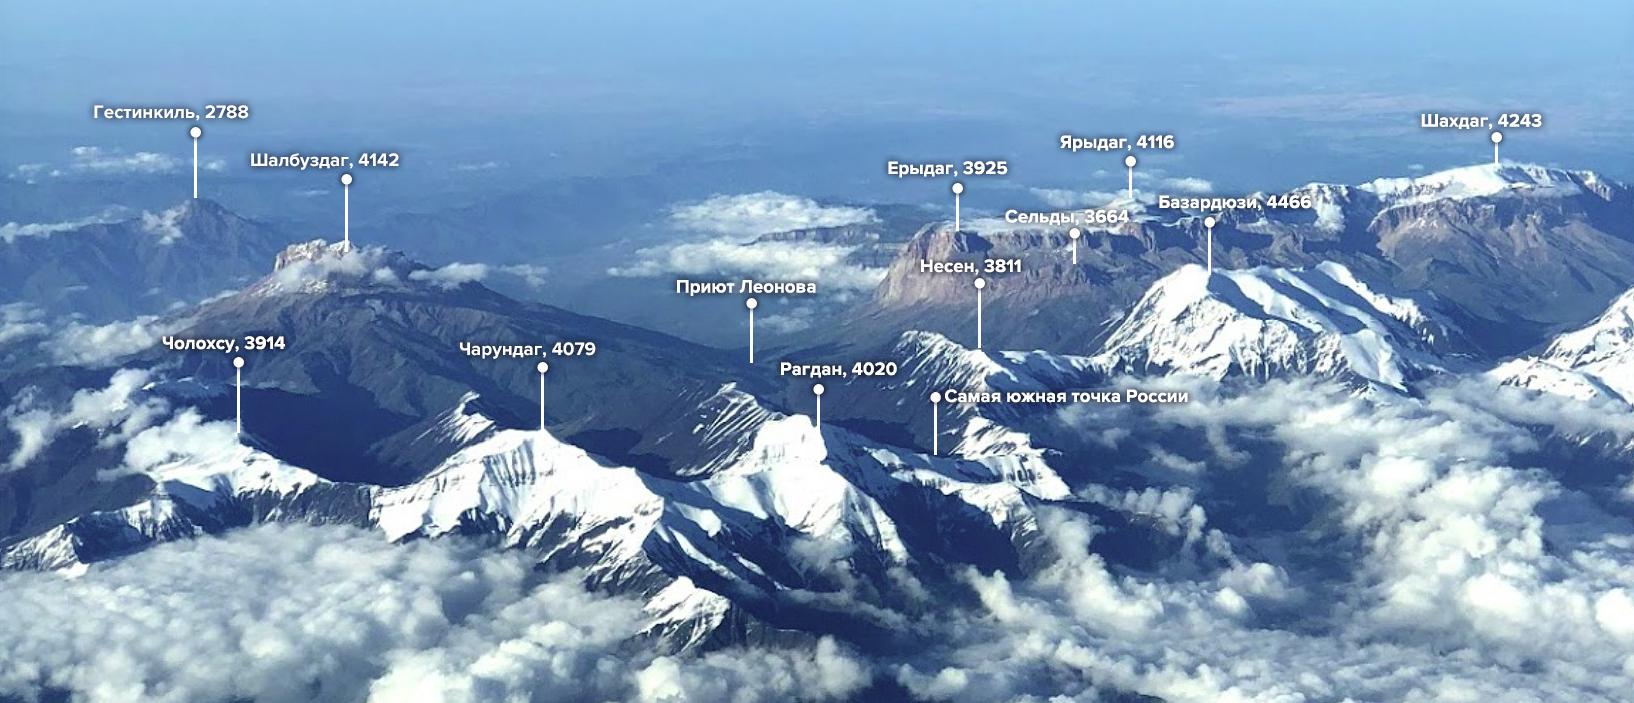 Самая южная точка России - вид сверху